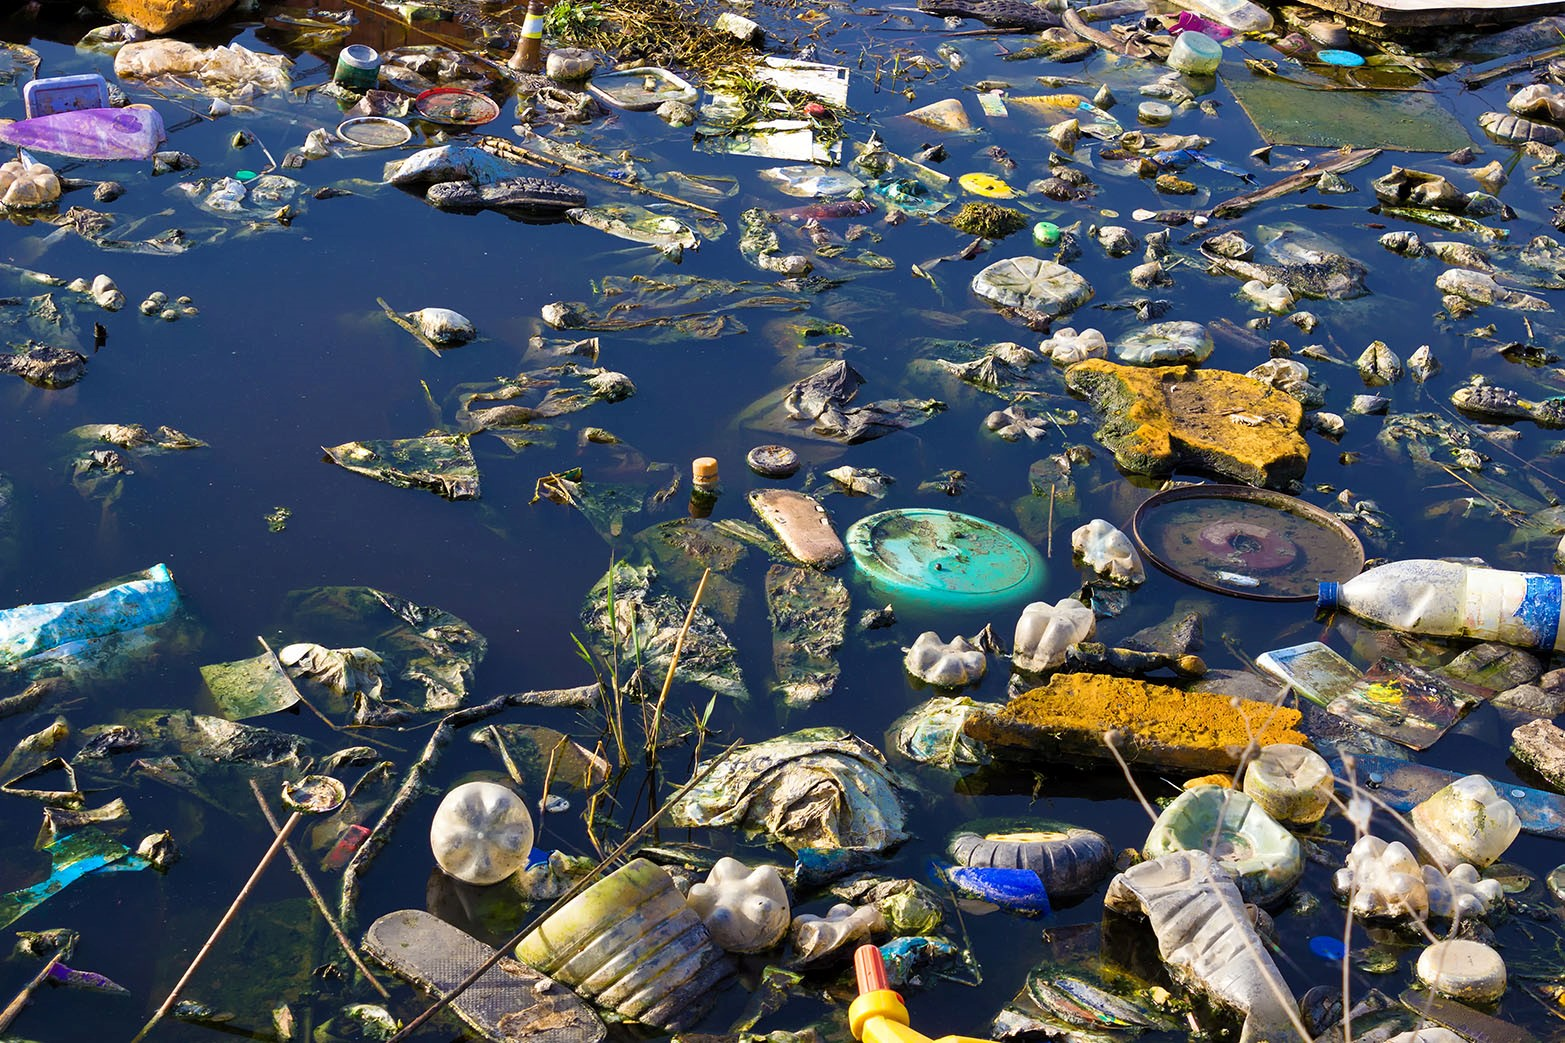 ECOticias se adhiere al Día Mundial del Reciclaje